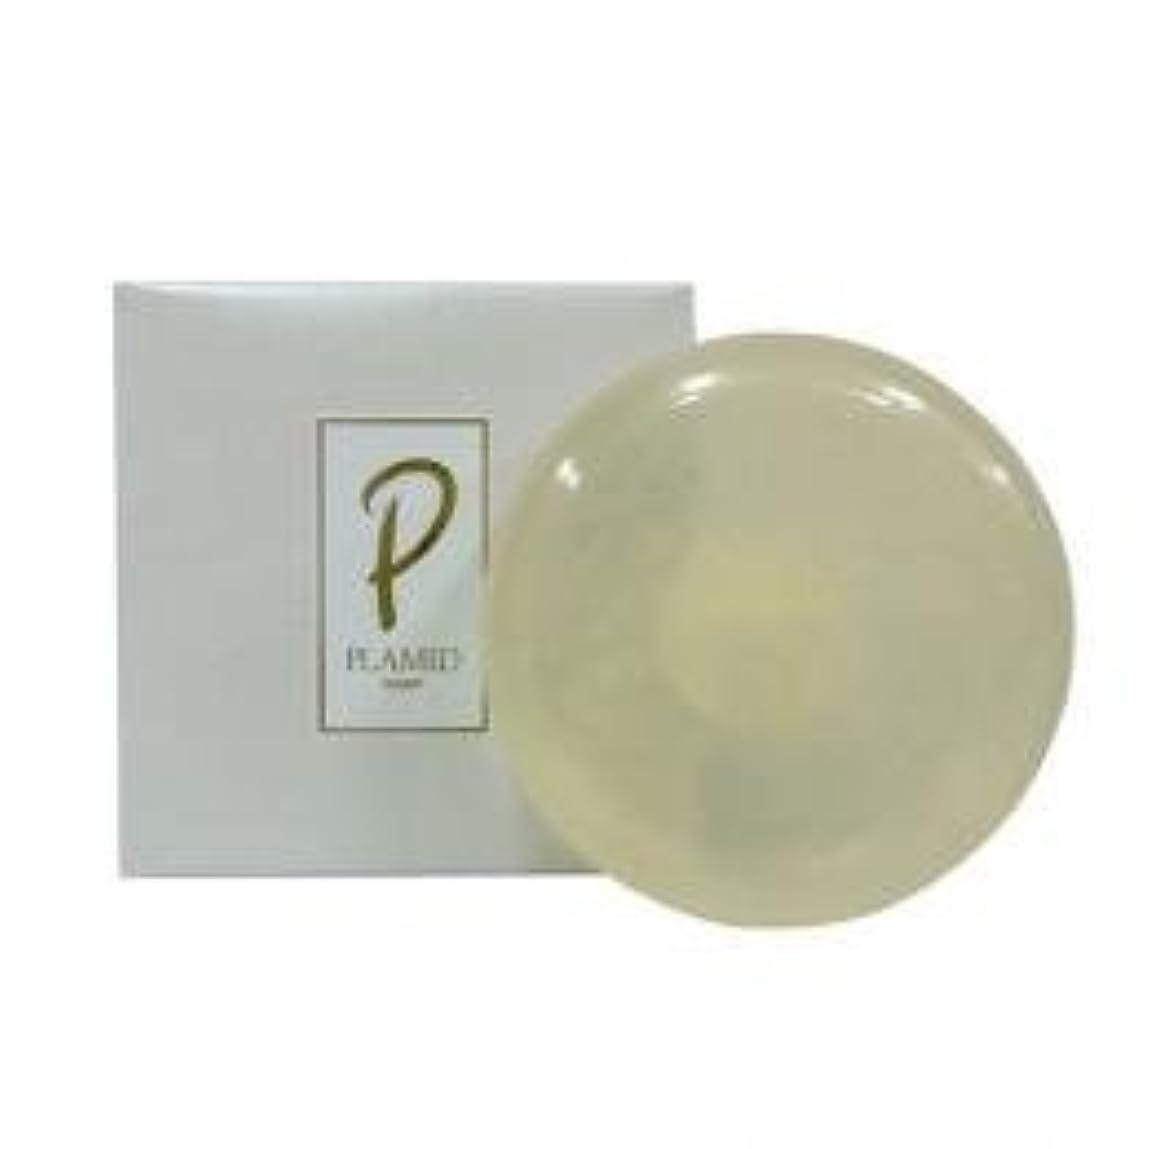 リスク祖母貝殻プラミドソープ(洗顔石鹸)/90g×6個セット